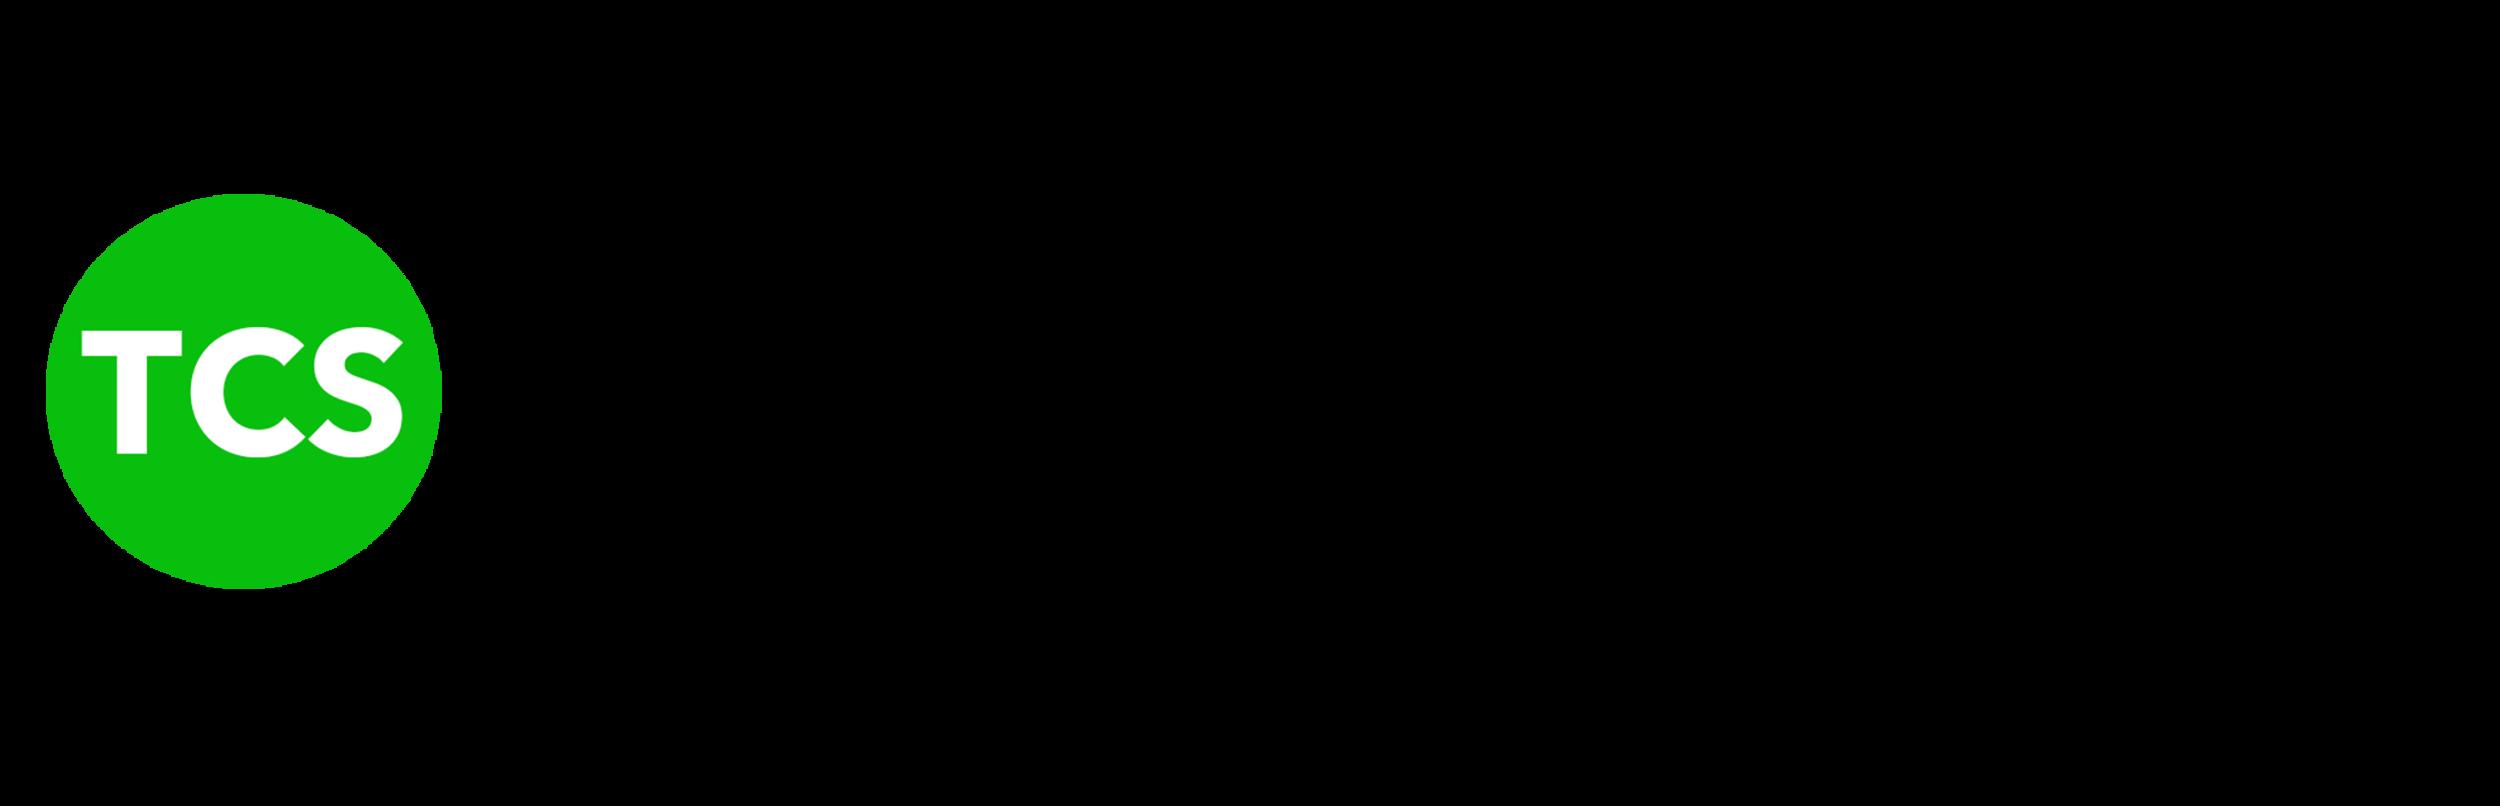 Cannabis society logo (3) (1).png